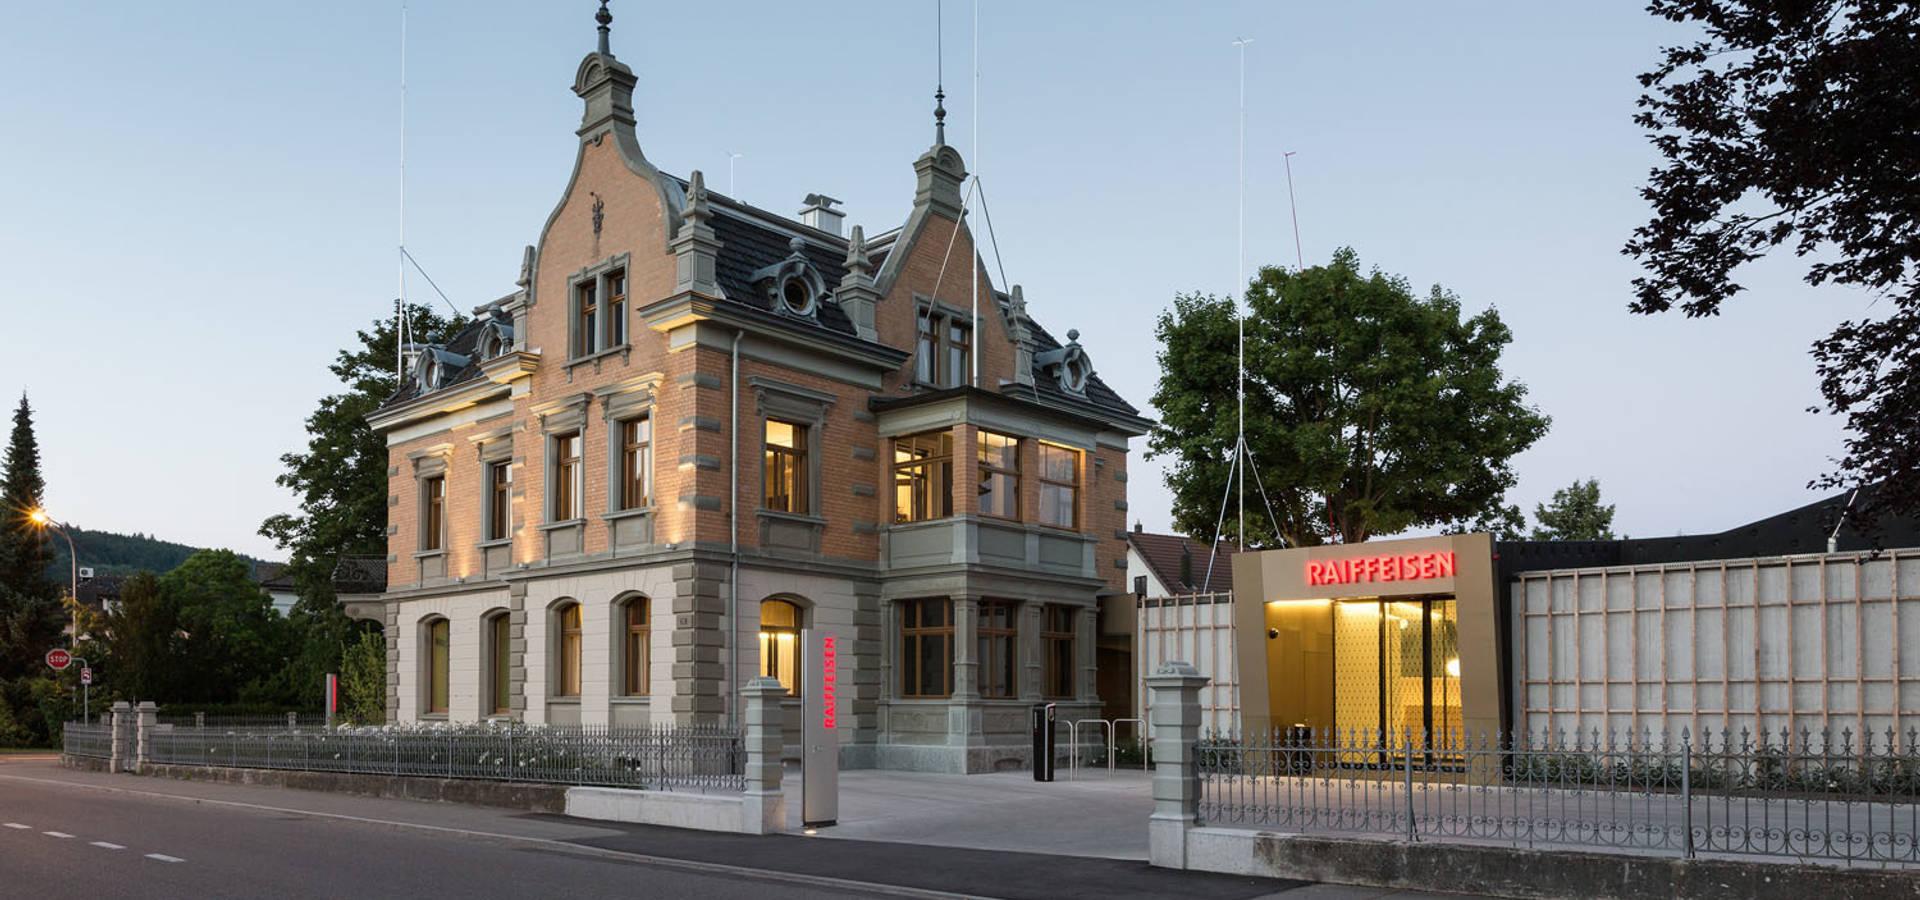 Architekten Rosenheim raiffeisenbank villa rosenheim diessenhofen schweiz by moos